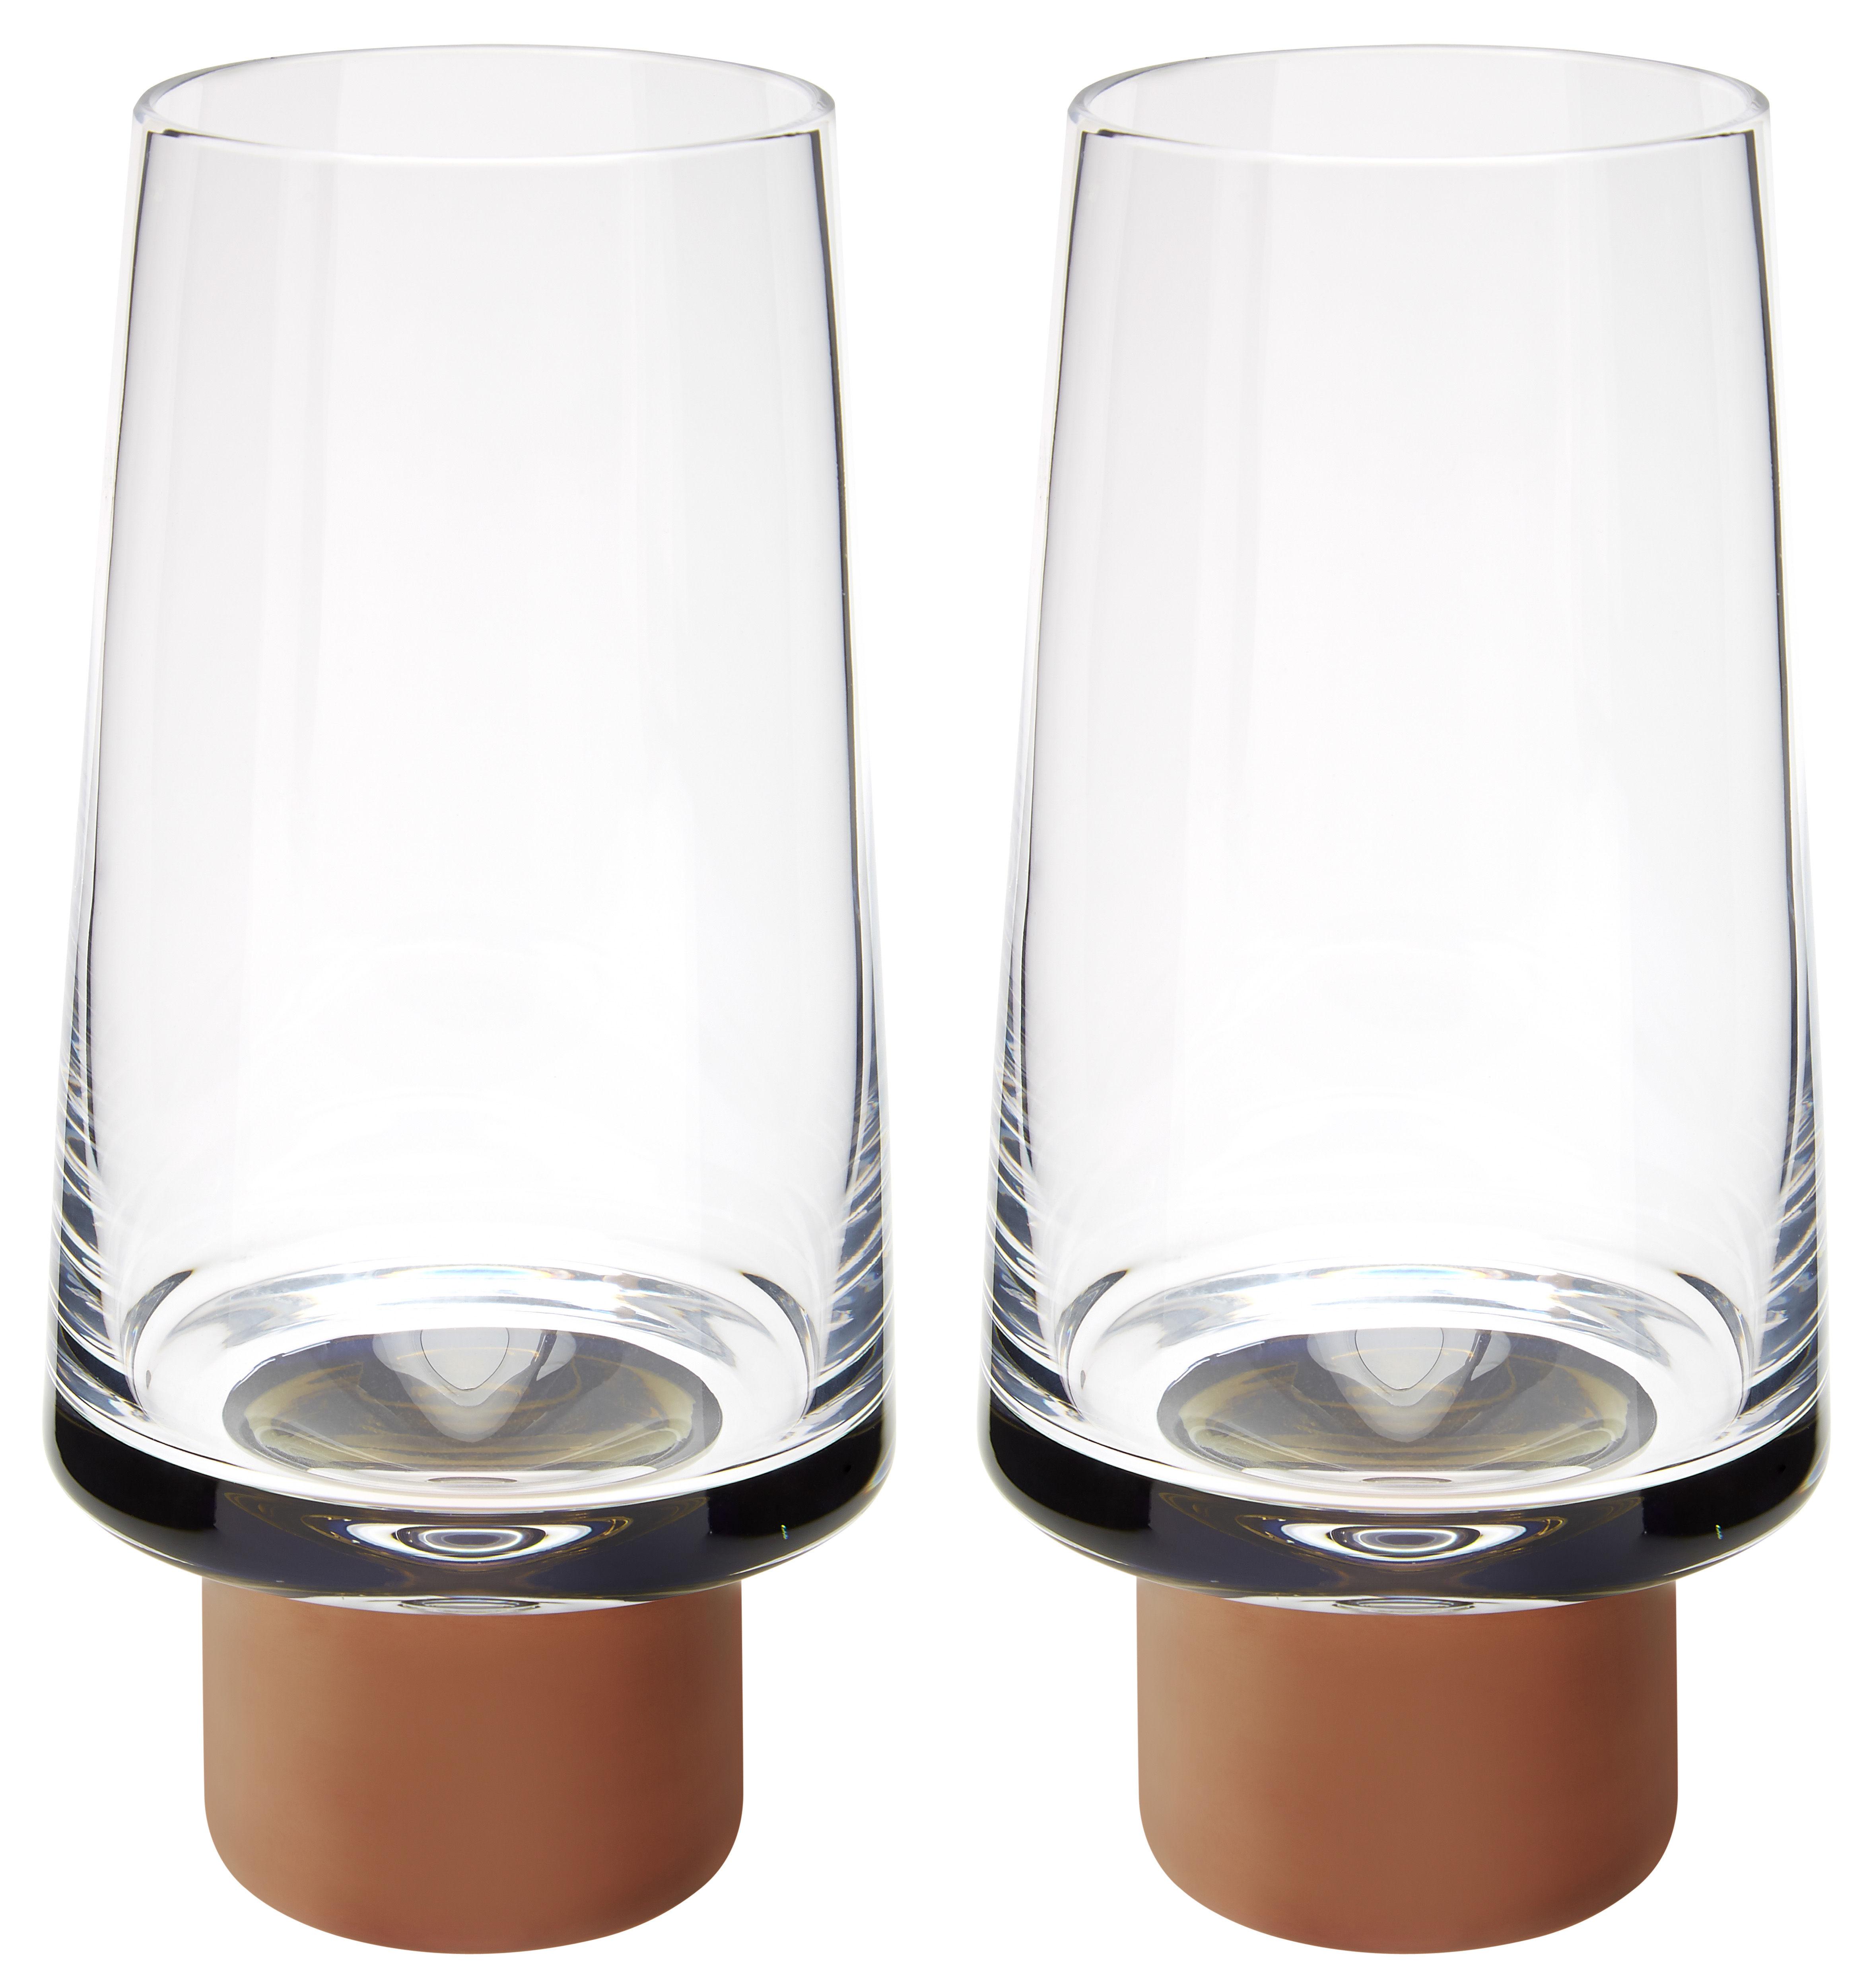 Arts de la table - Verres  - Verre Tank / Haut - H 16,5 cm - Lot de 2 - Tom Dixon - Transparent / Cuivre - Verre soufflé bouche